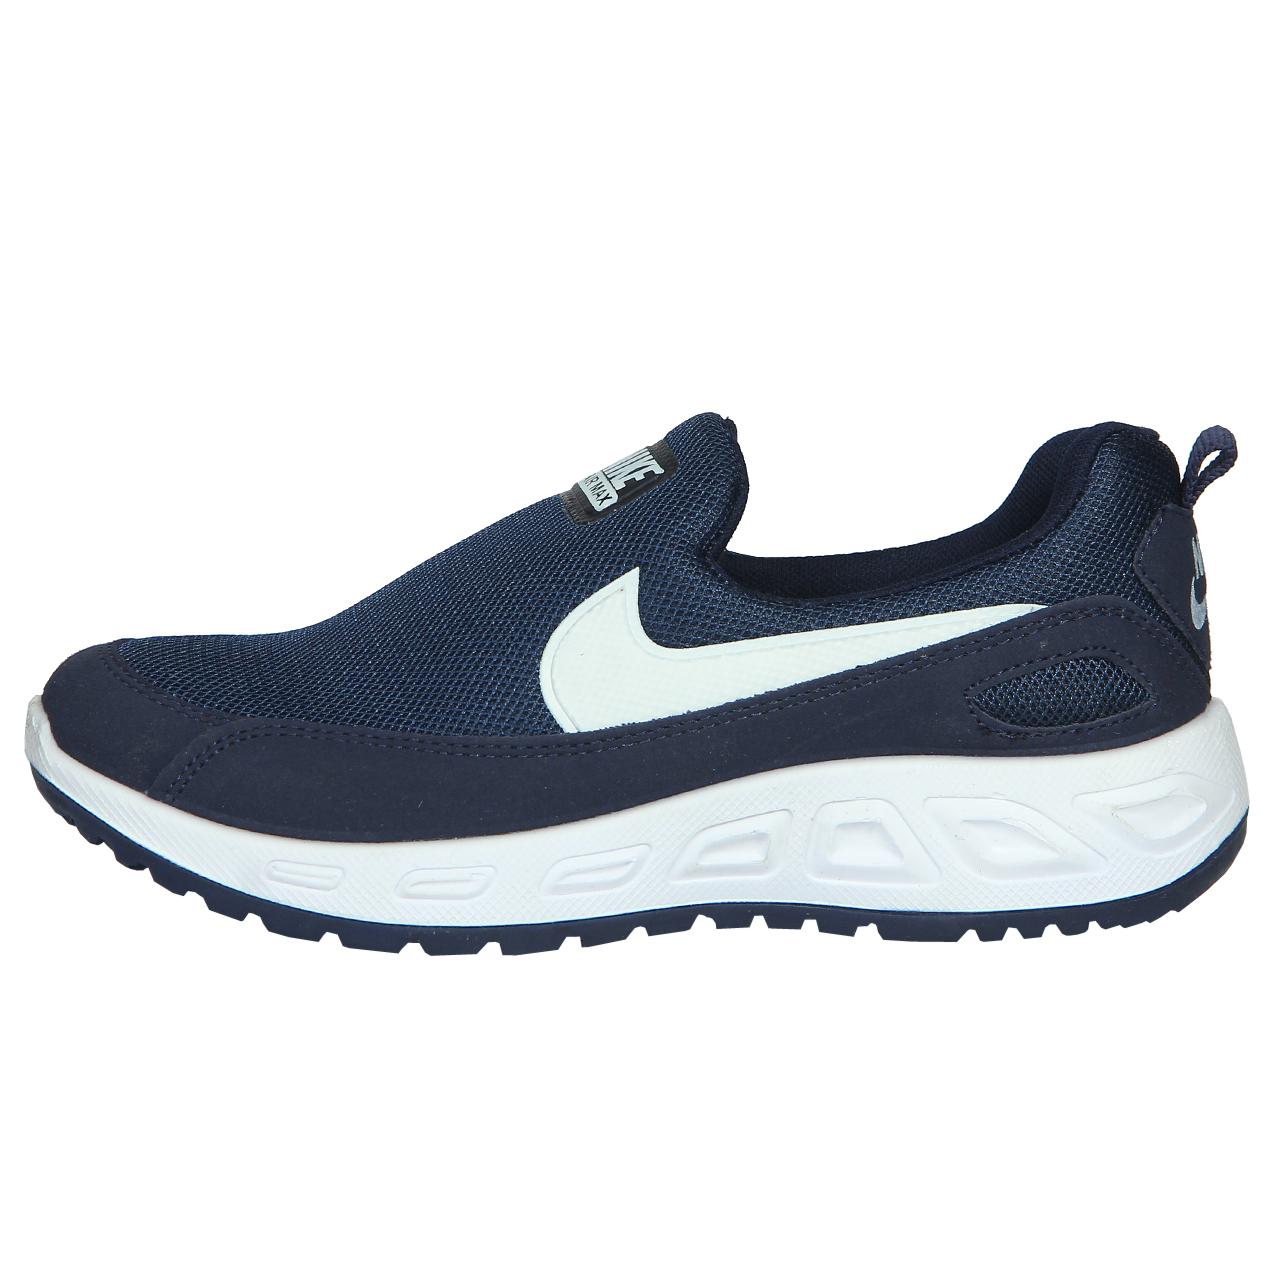 خرید                      کفش  پیاده روی مدل سورنا کد 4105